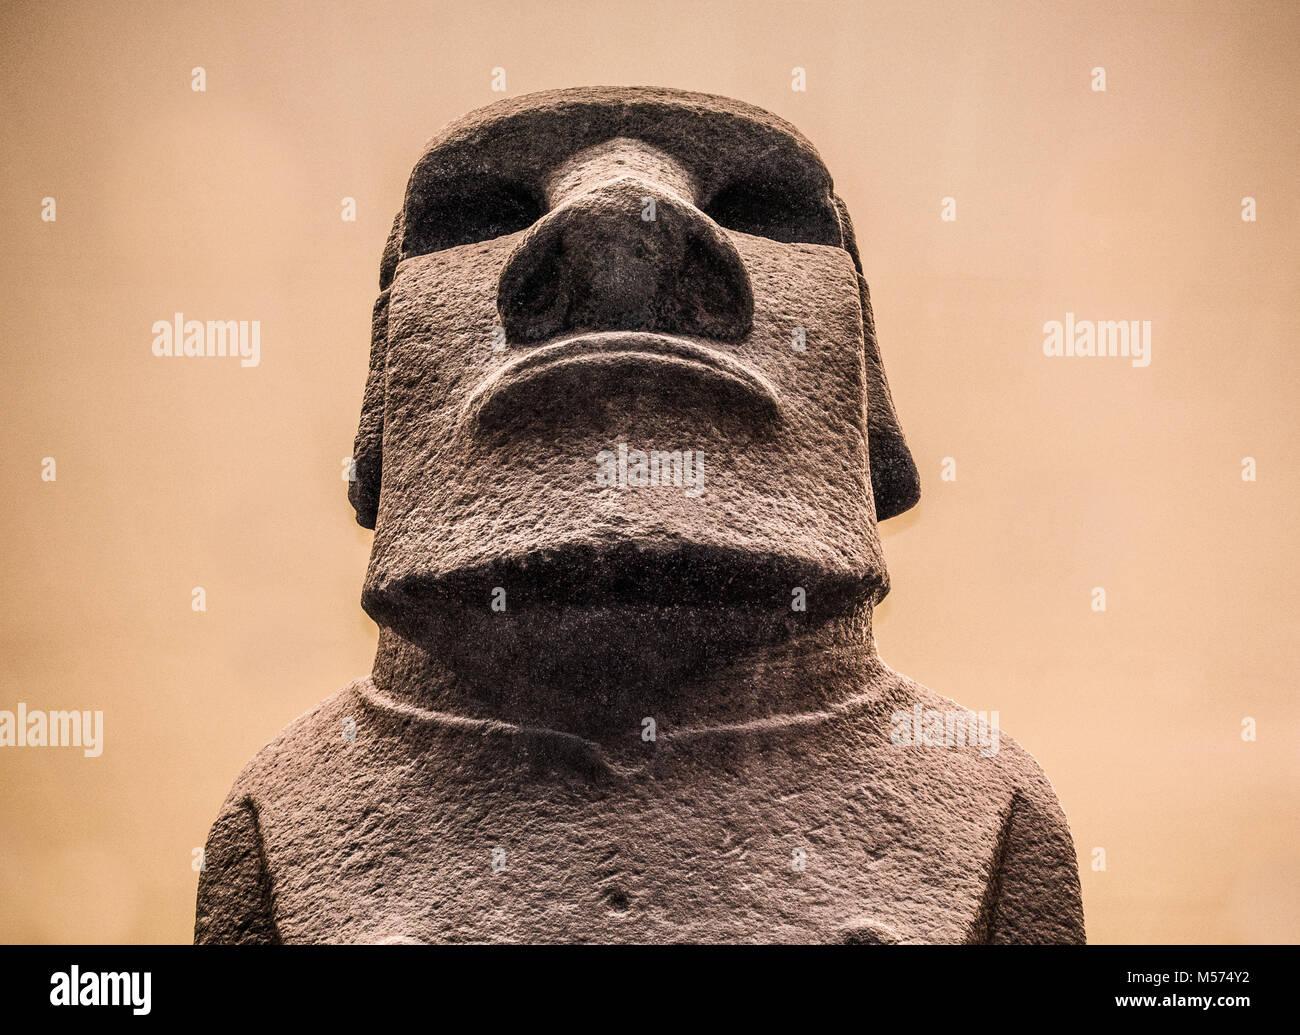 Hoa Hakananai'a - nome di basalto-fatto uomo statua / scultura (moai). Rimosso dall'Isola di Pasqua nel Immagini Stock